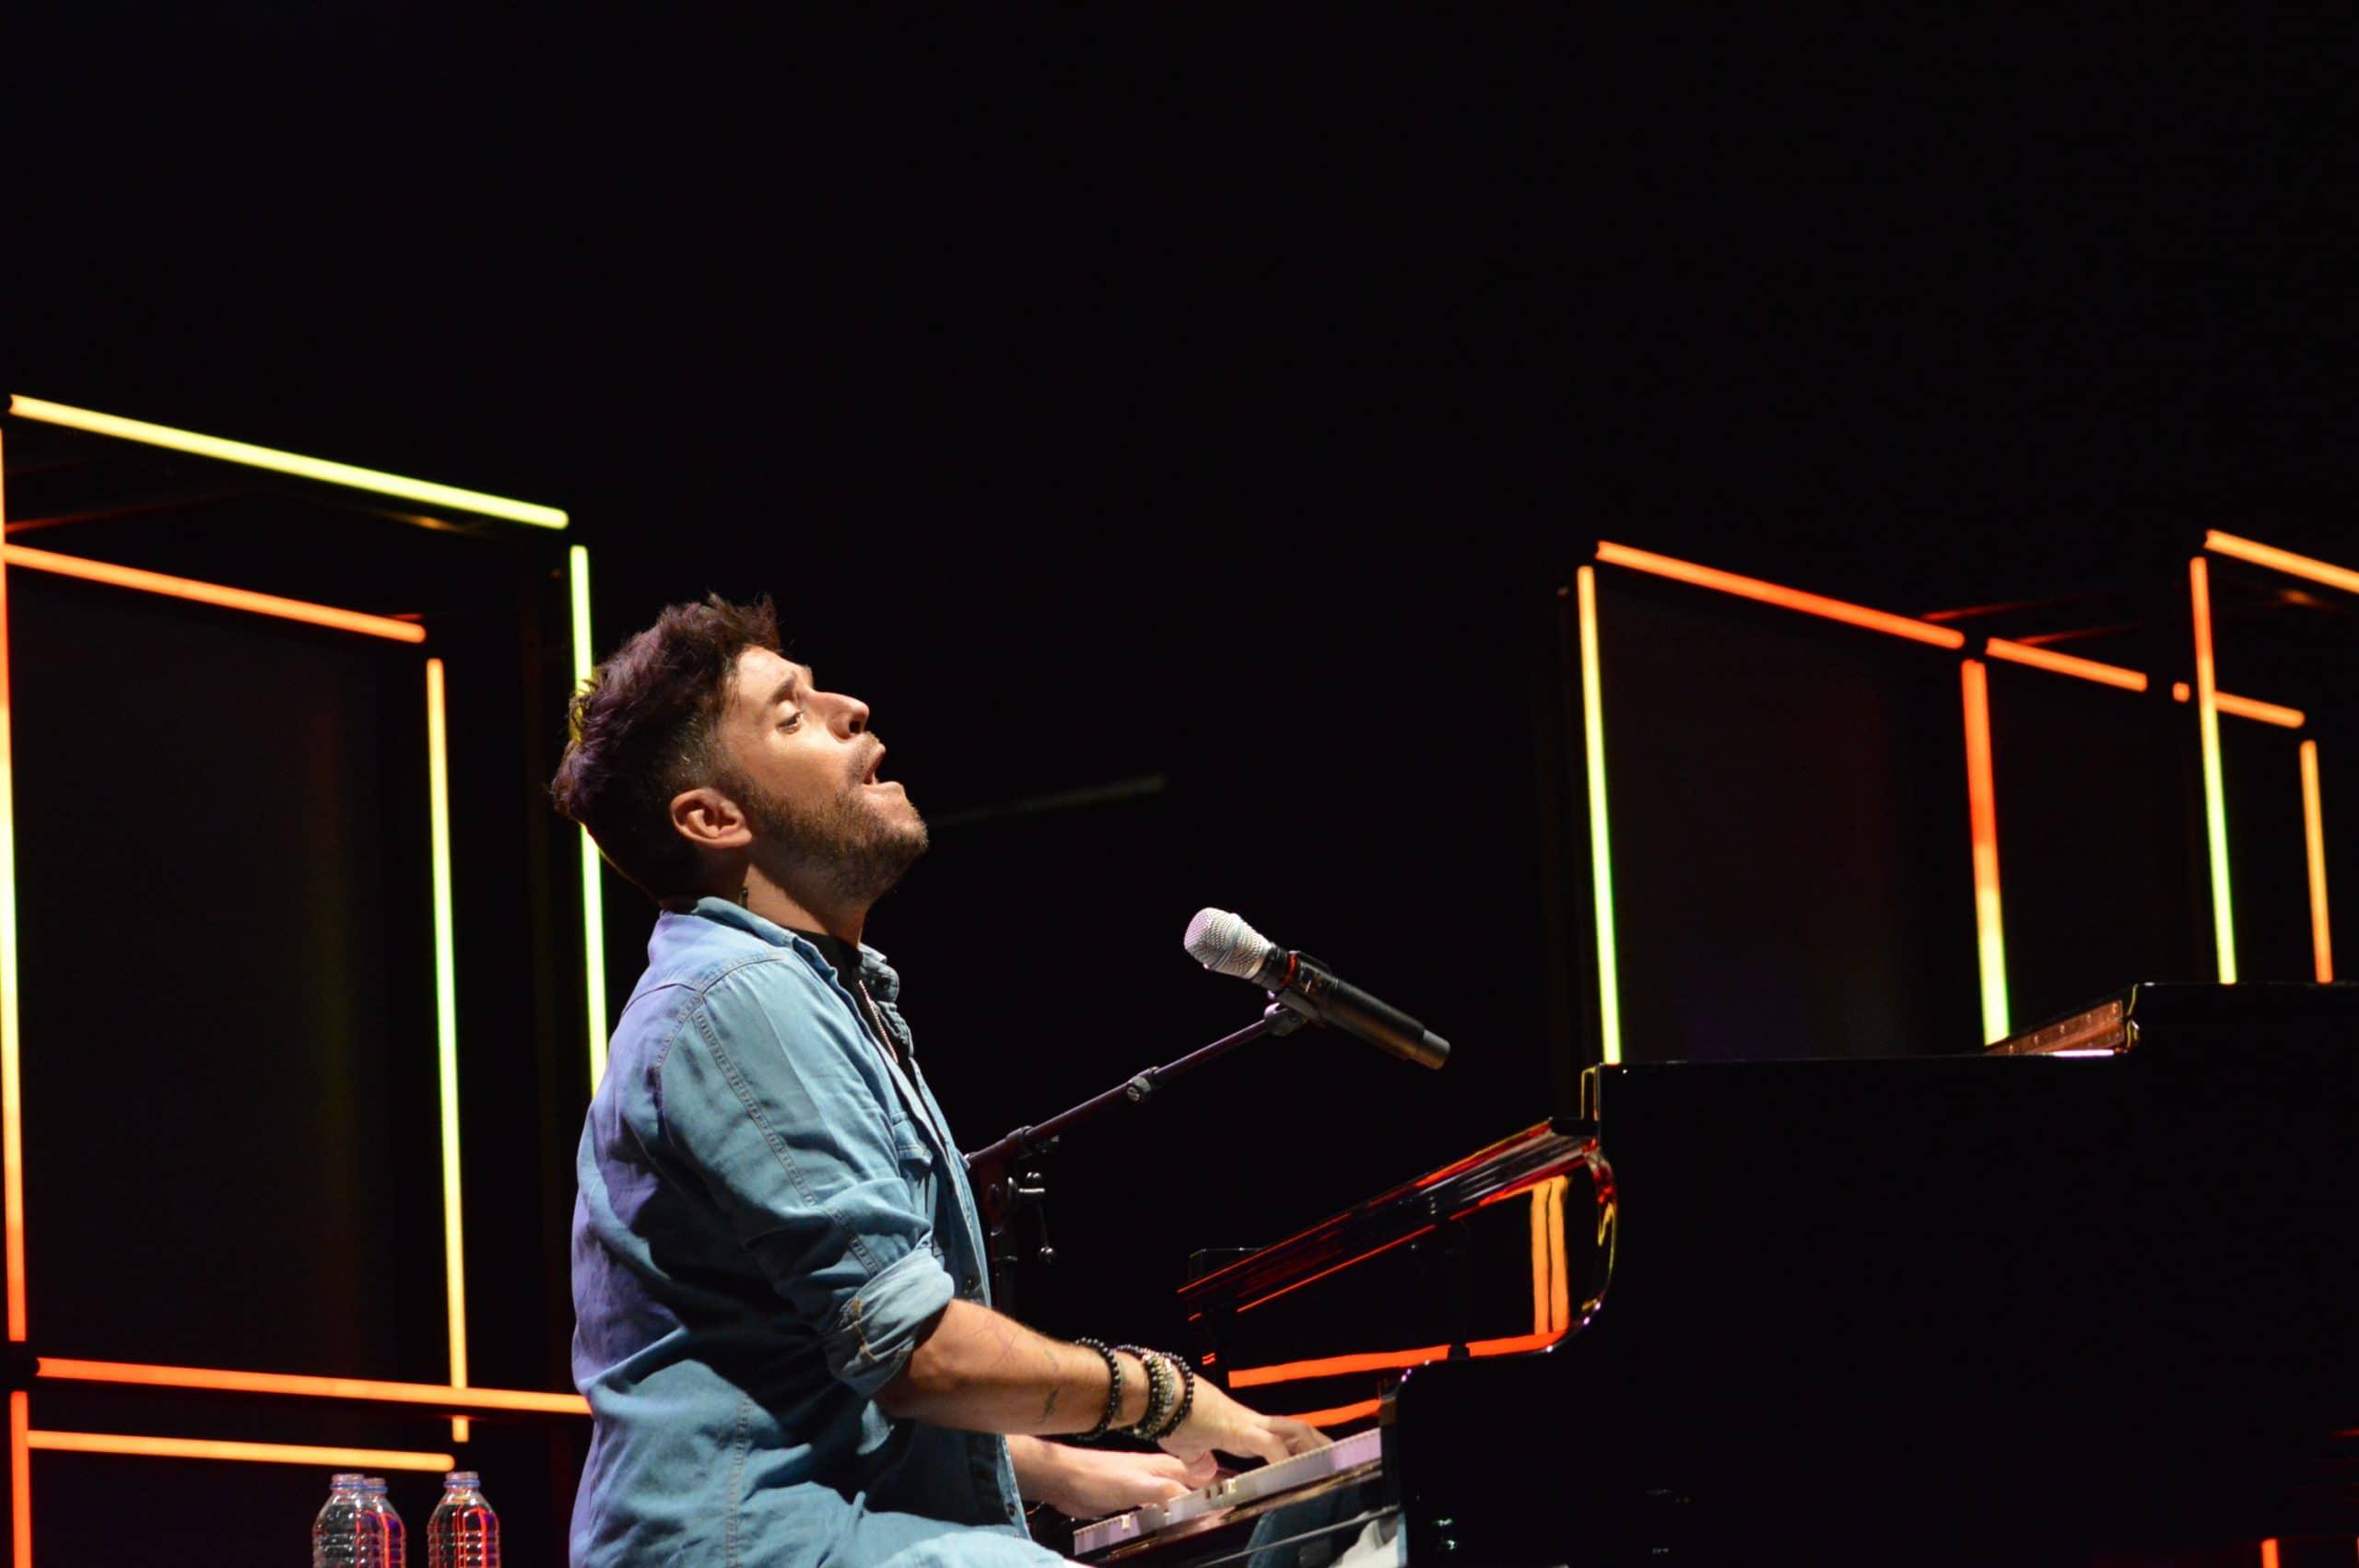 La gira 'López, piano y voz' de Pablo López pone el broche final a las fiestas de la Encina que nunca hubiéramos querido vivir 20